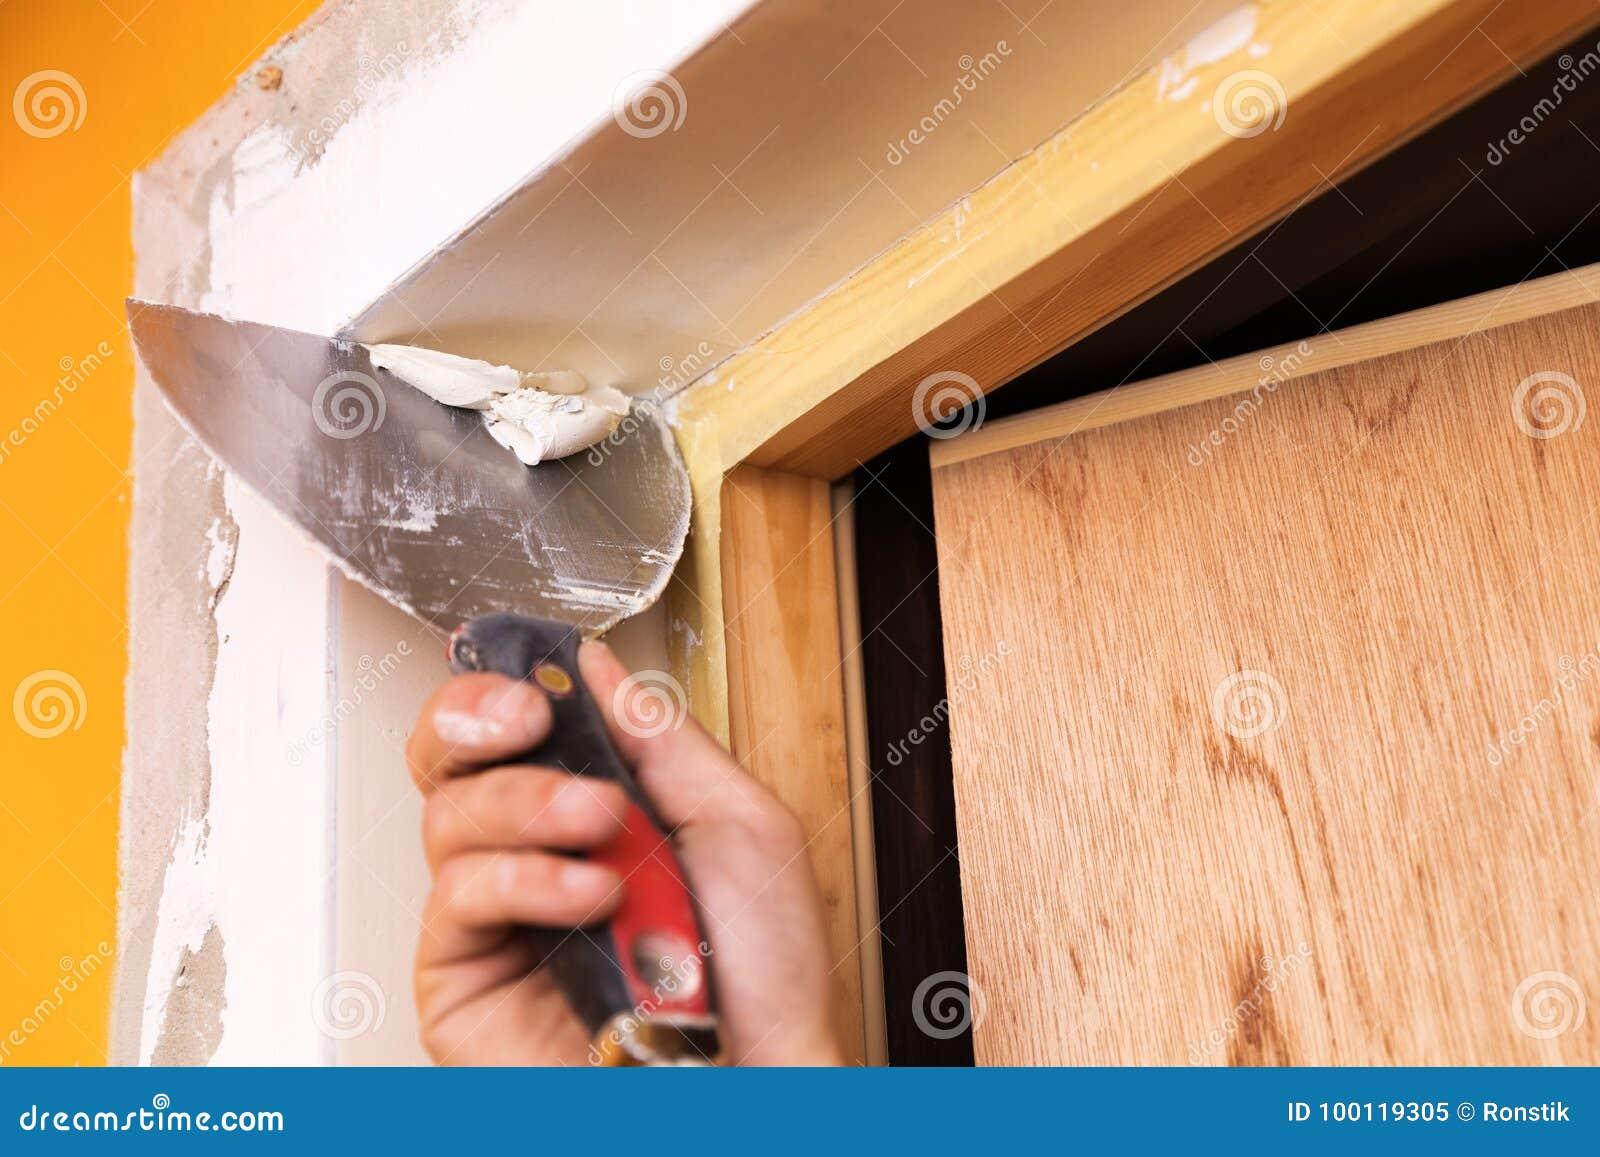 Lappa murbruk runt om en ny dörr med spateln